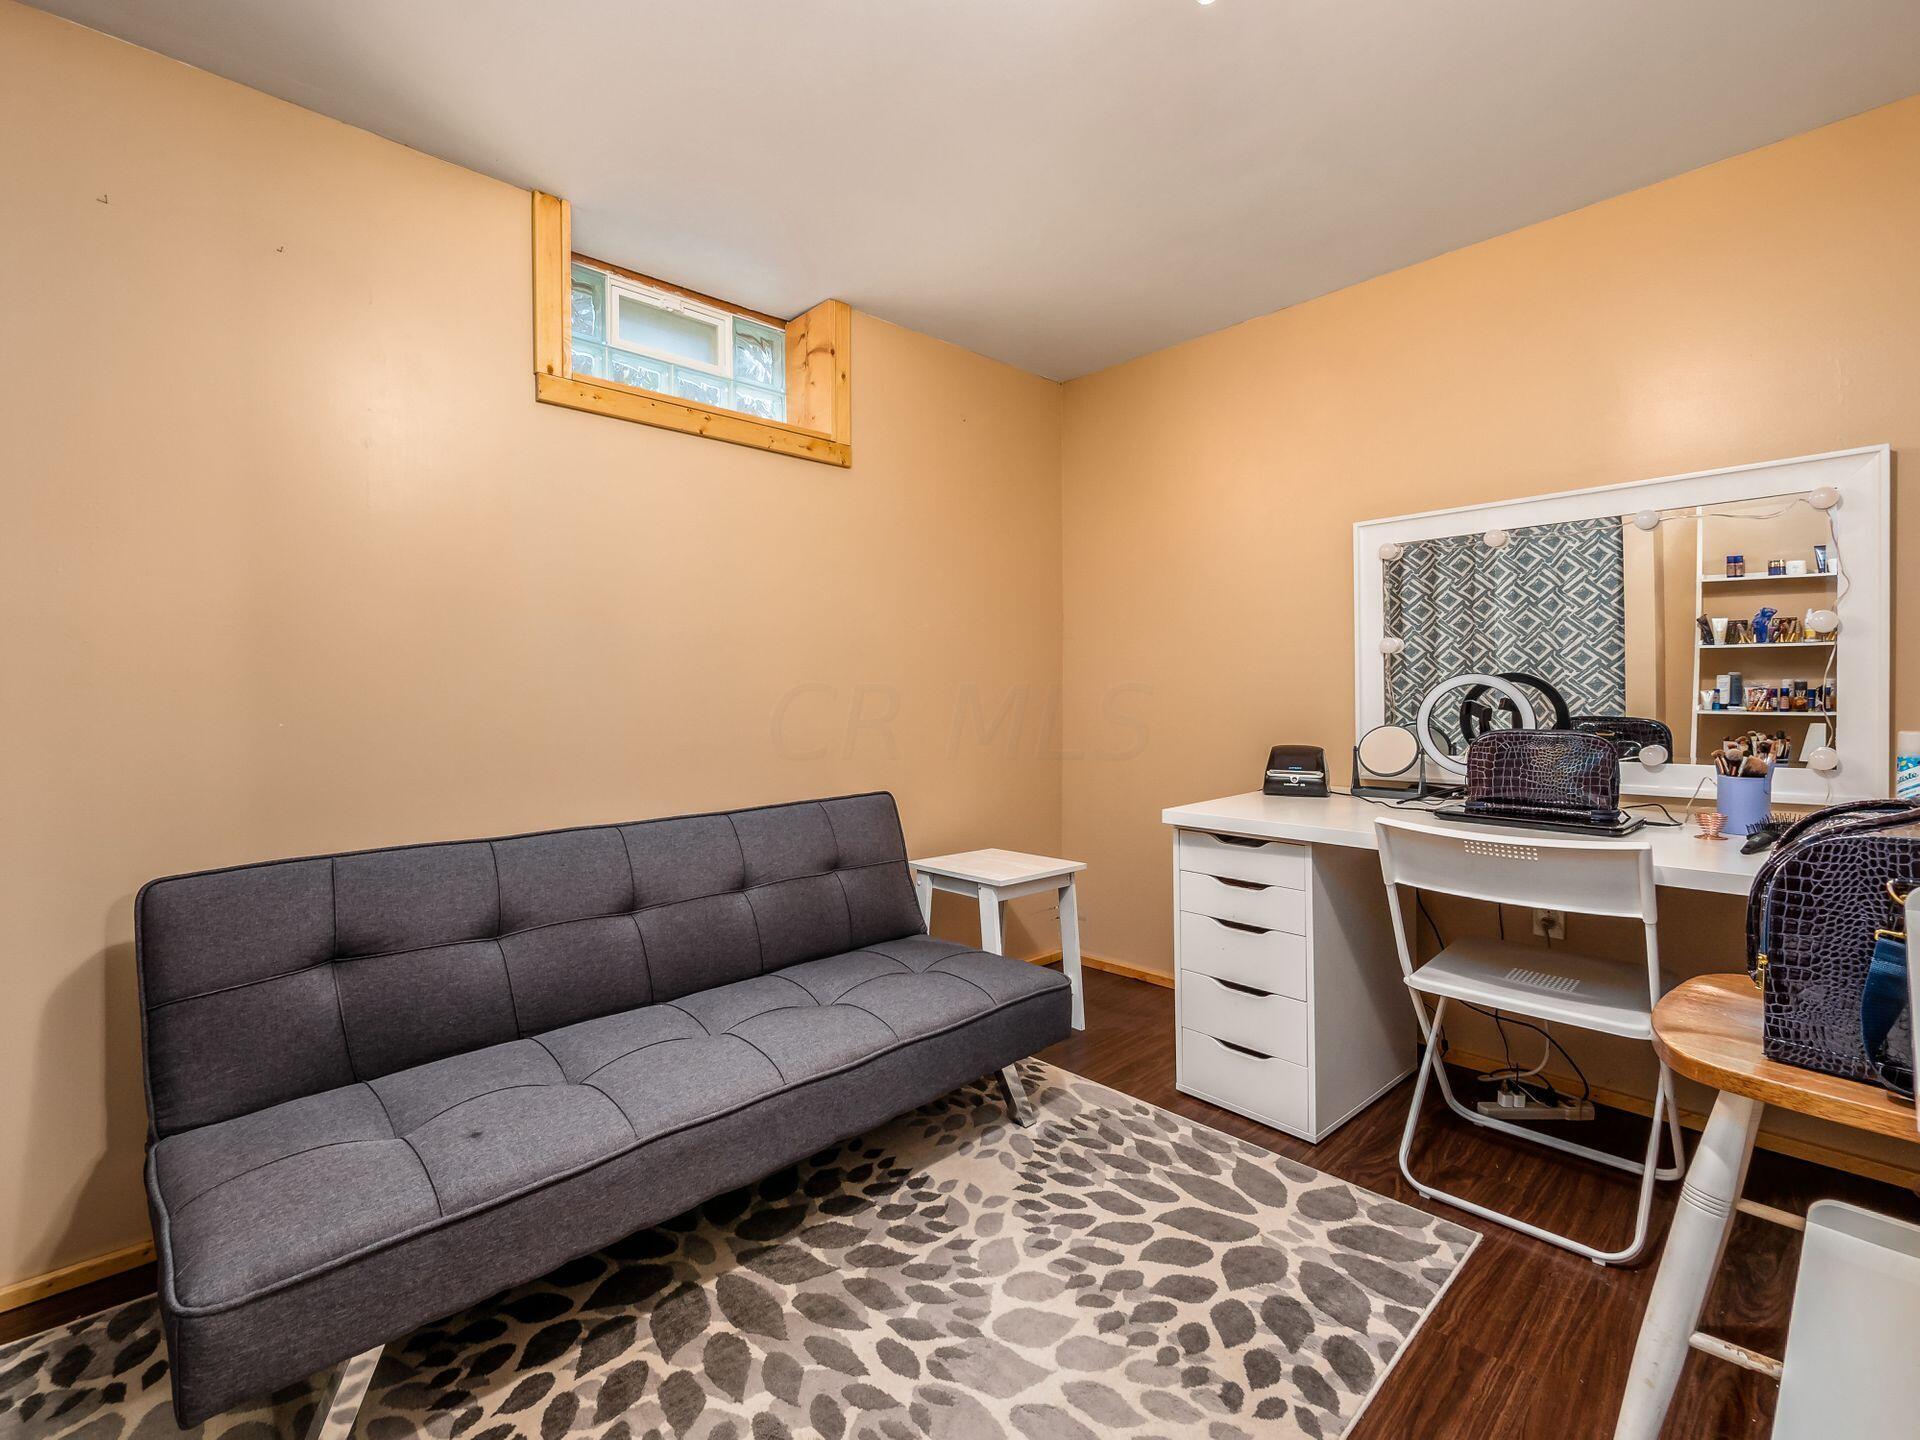 Bonus room/4th bedroom/home office